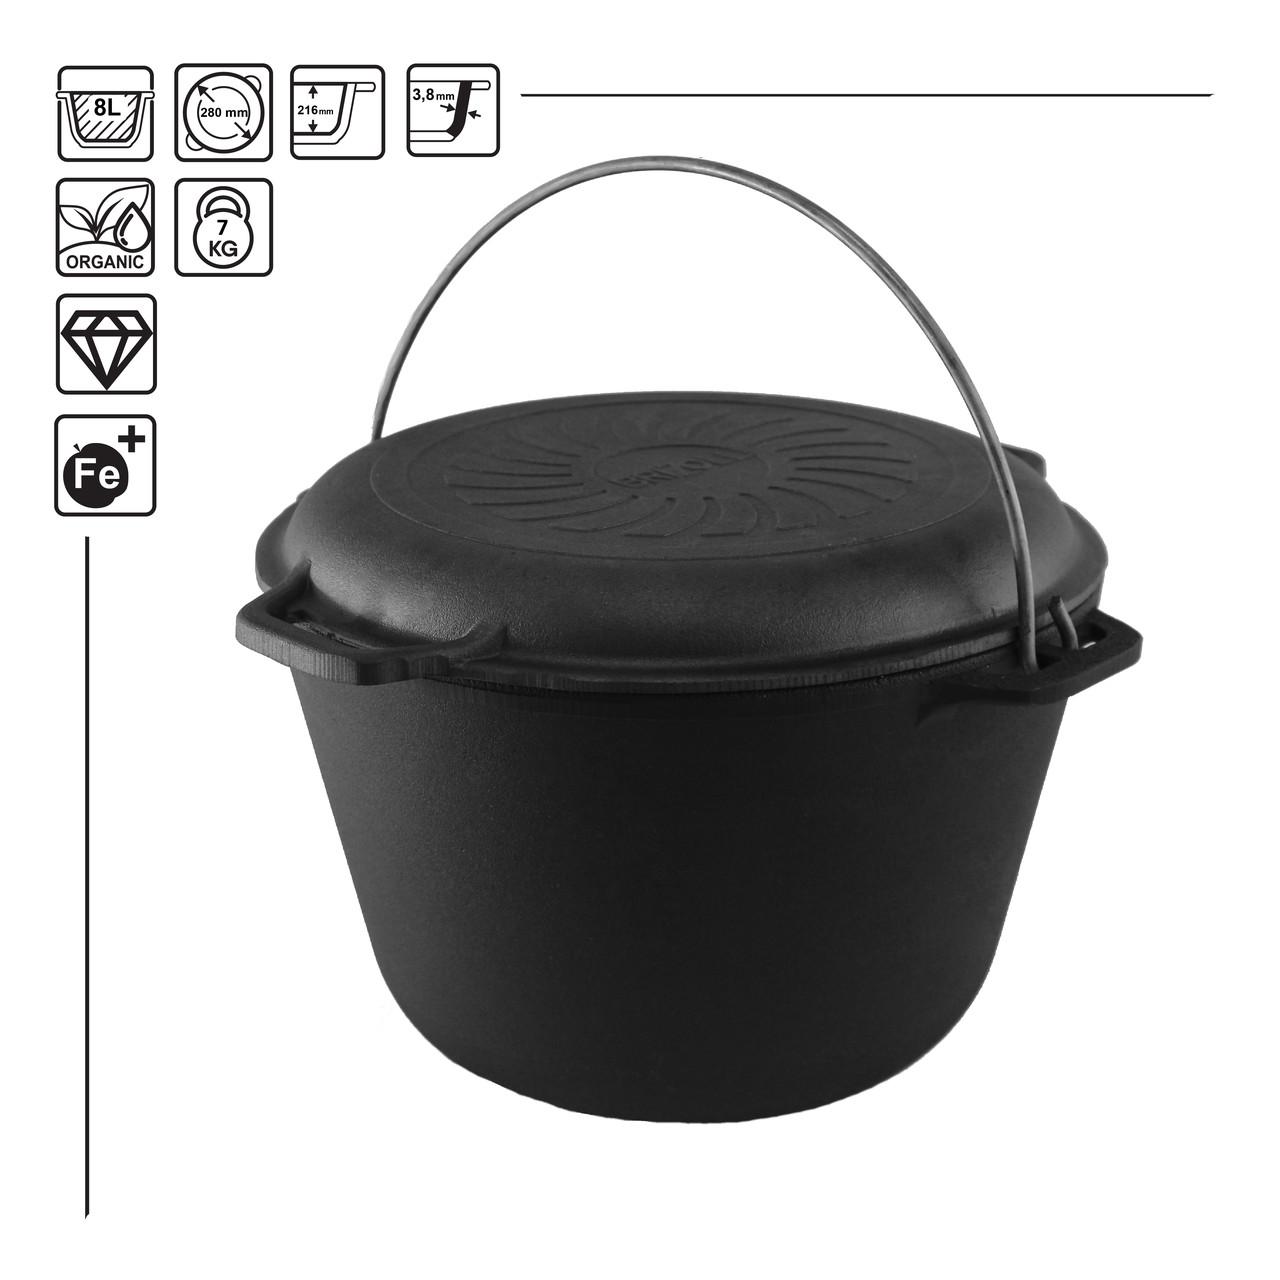 Казан чугунный туристический с крышкой-сковородой BRIZOLL KT08-2 диаметр 28 см, 8 л Бризоль 280х38 мм